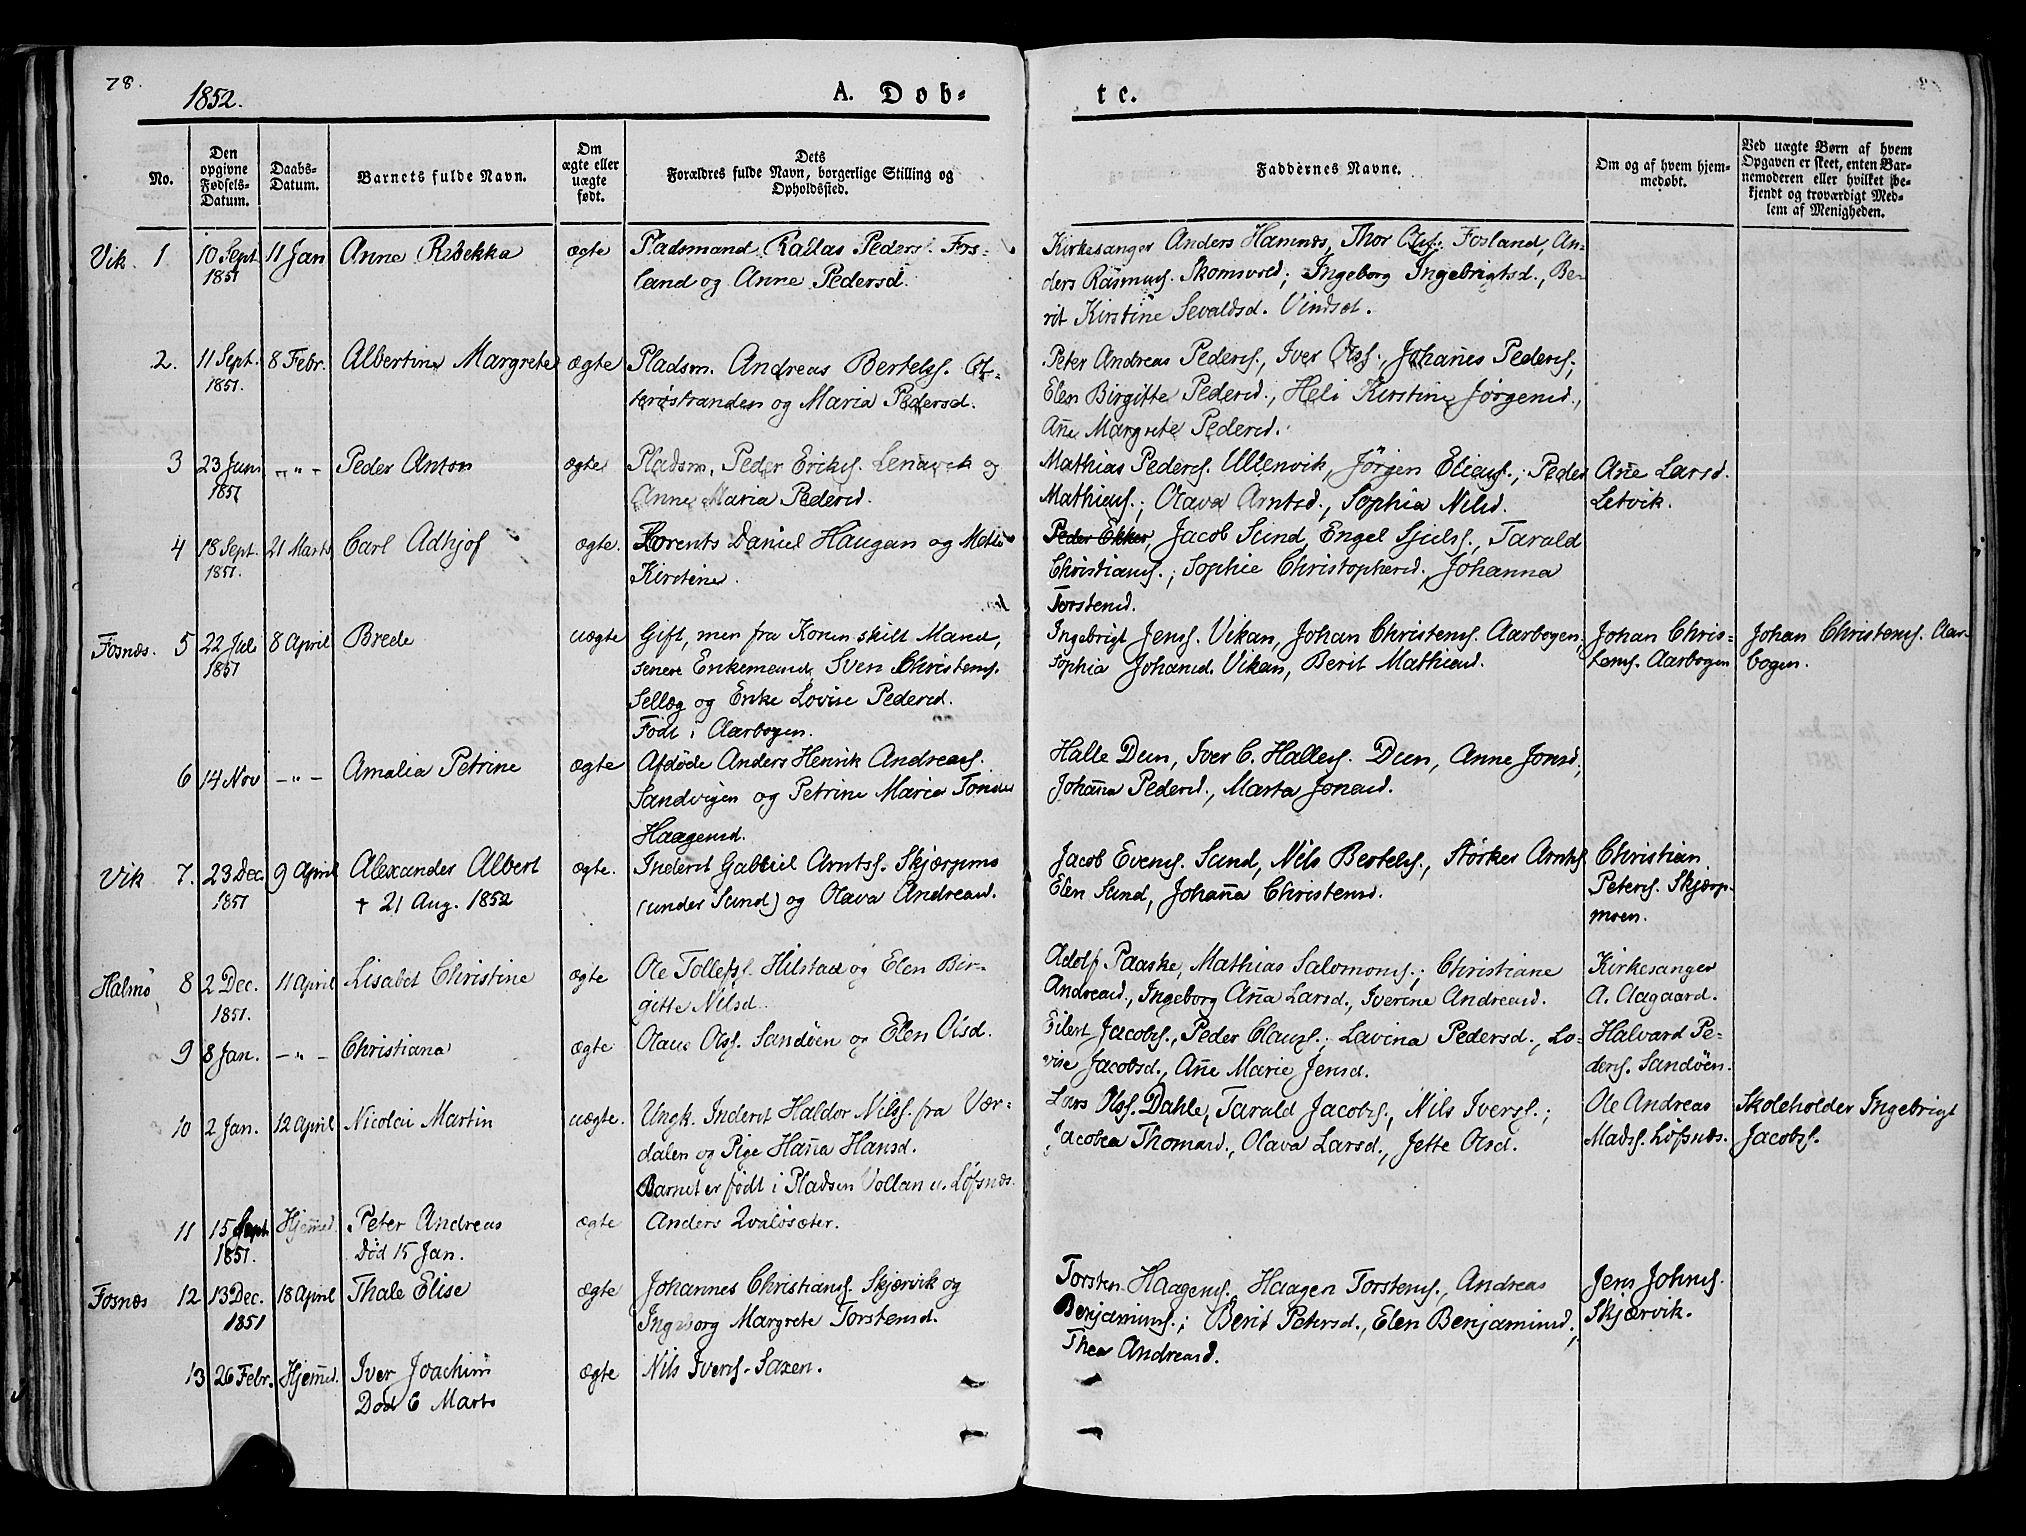 SAT, Ministerialprotokoller, klokkerbøker og fødselsregistre - Nord-Trøndelag, 773/L0614: Ministerialbok nr. 773A05, 1831-1856, s. 78